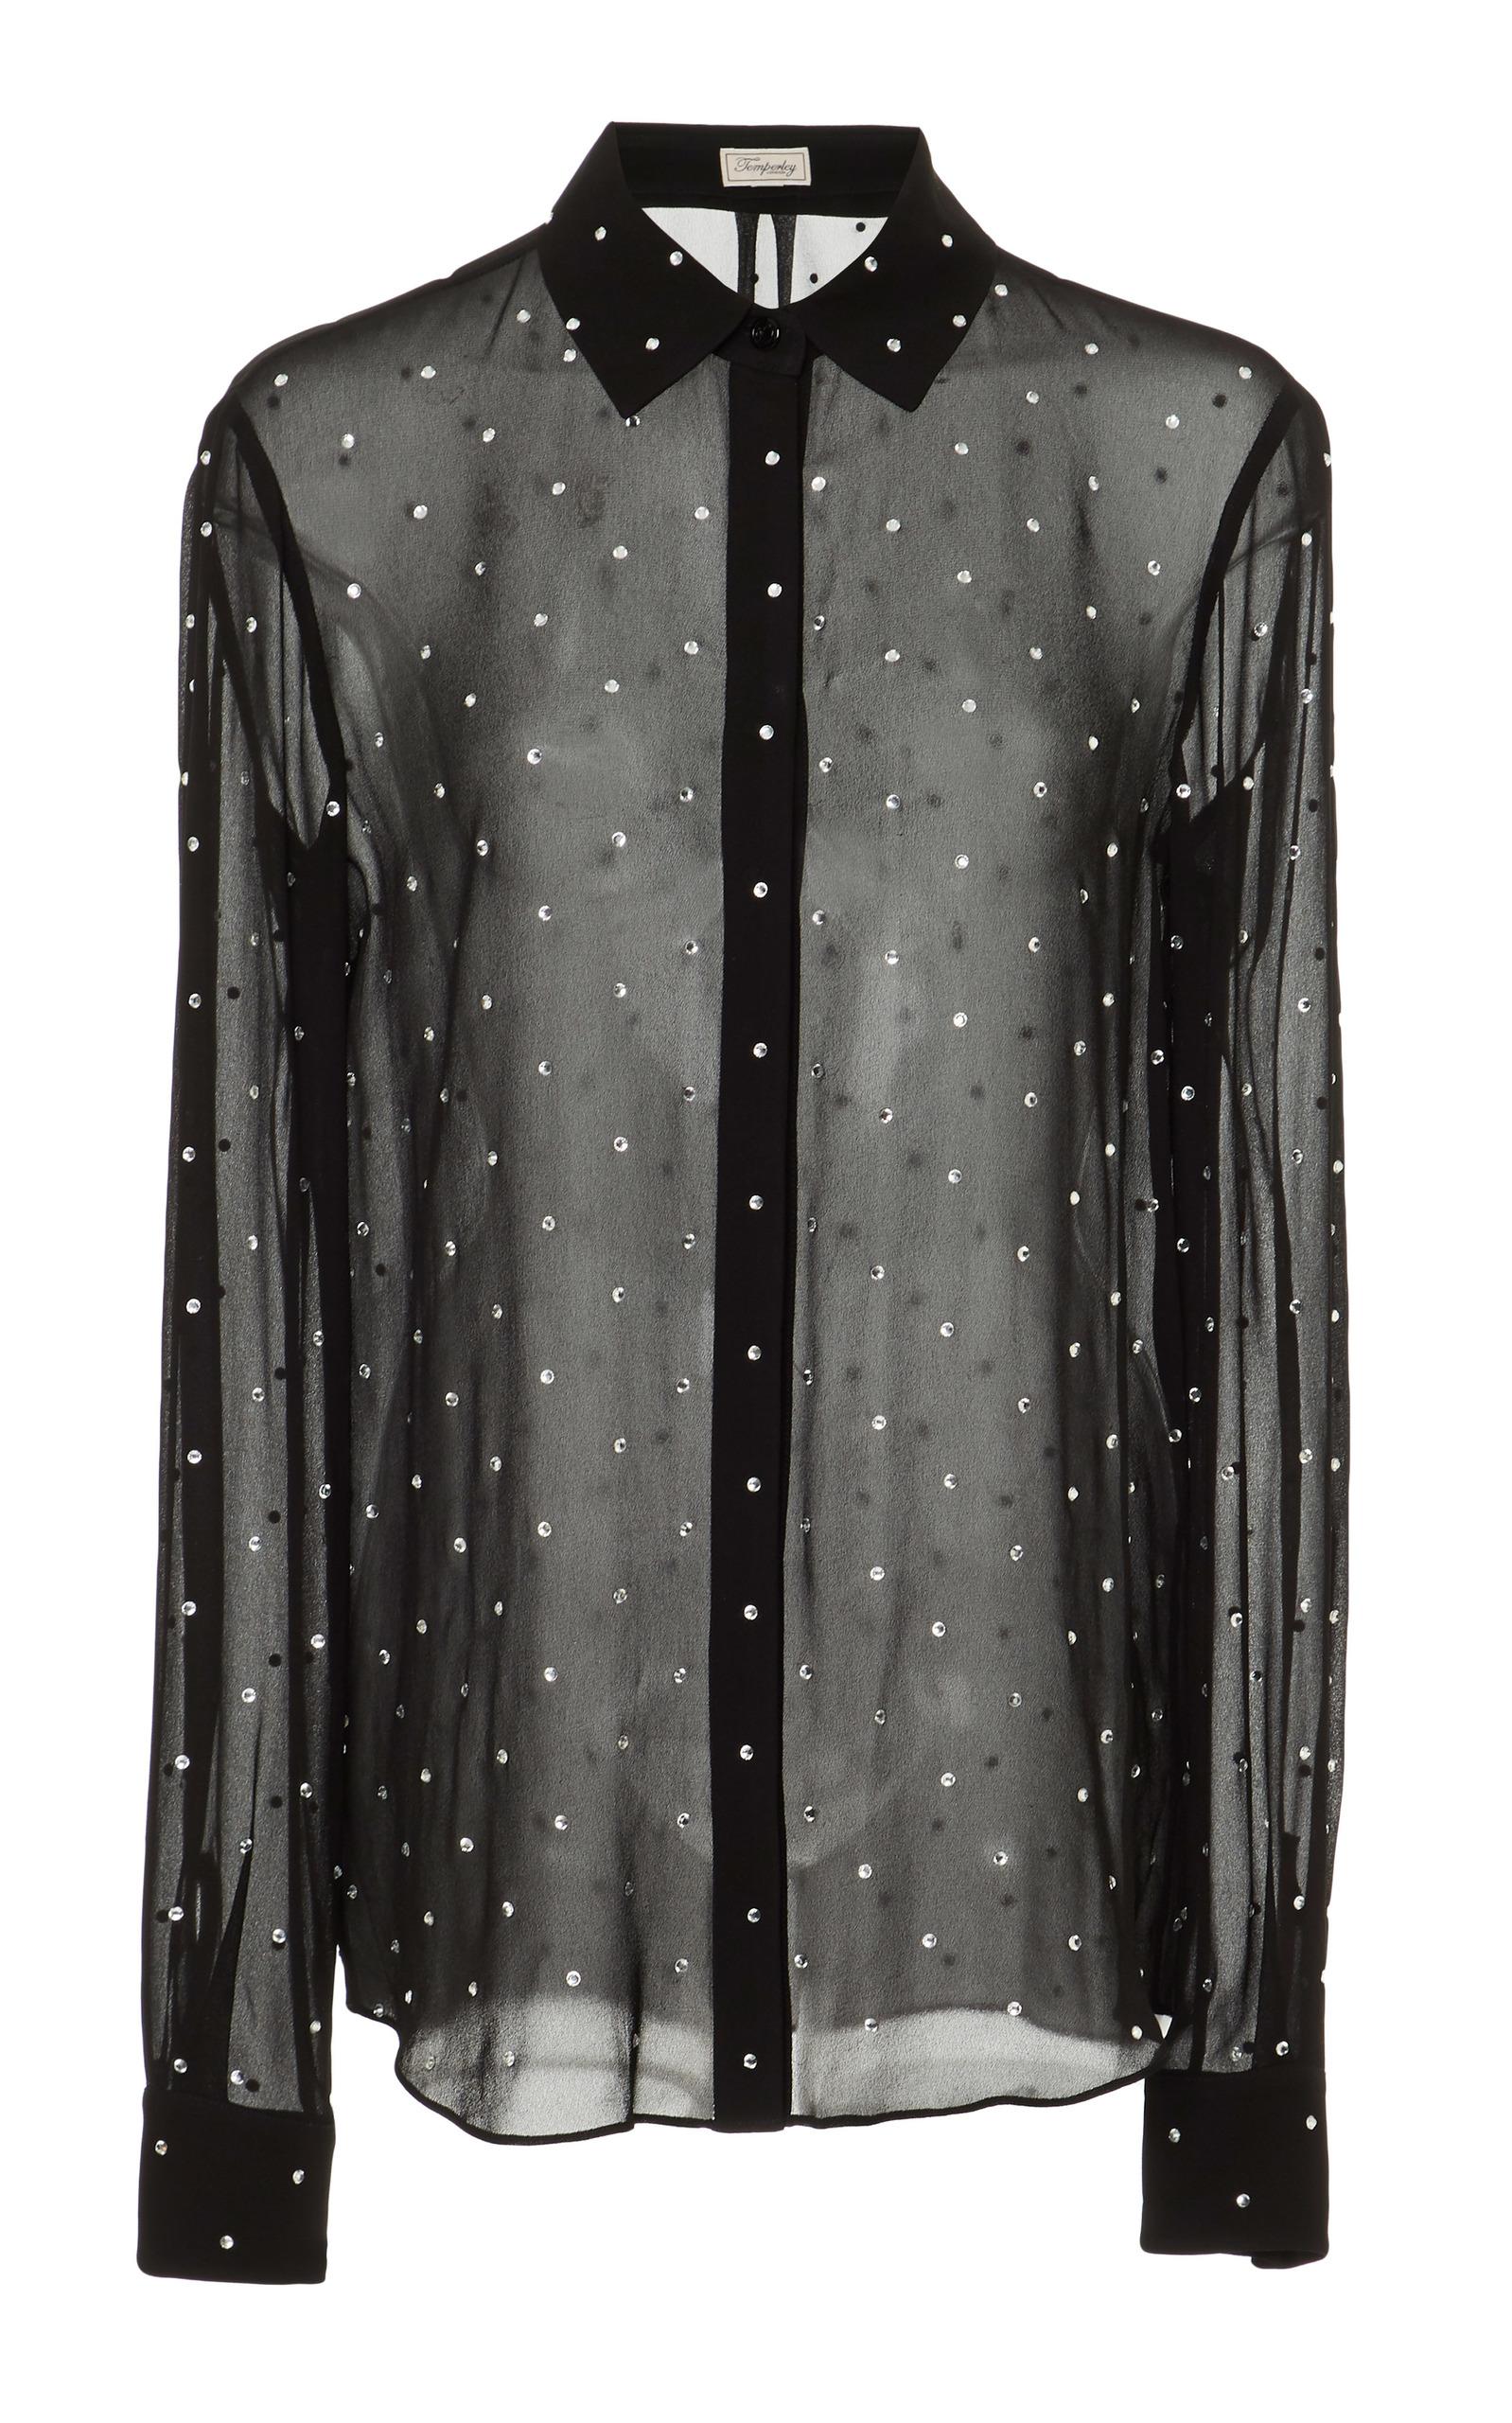 TEMPERLEY LONDON Twinkle Crystal-Embellished Georgette Blouse in Black